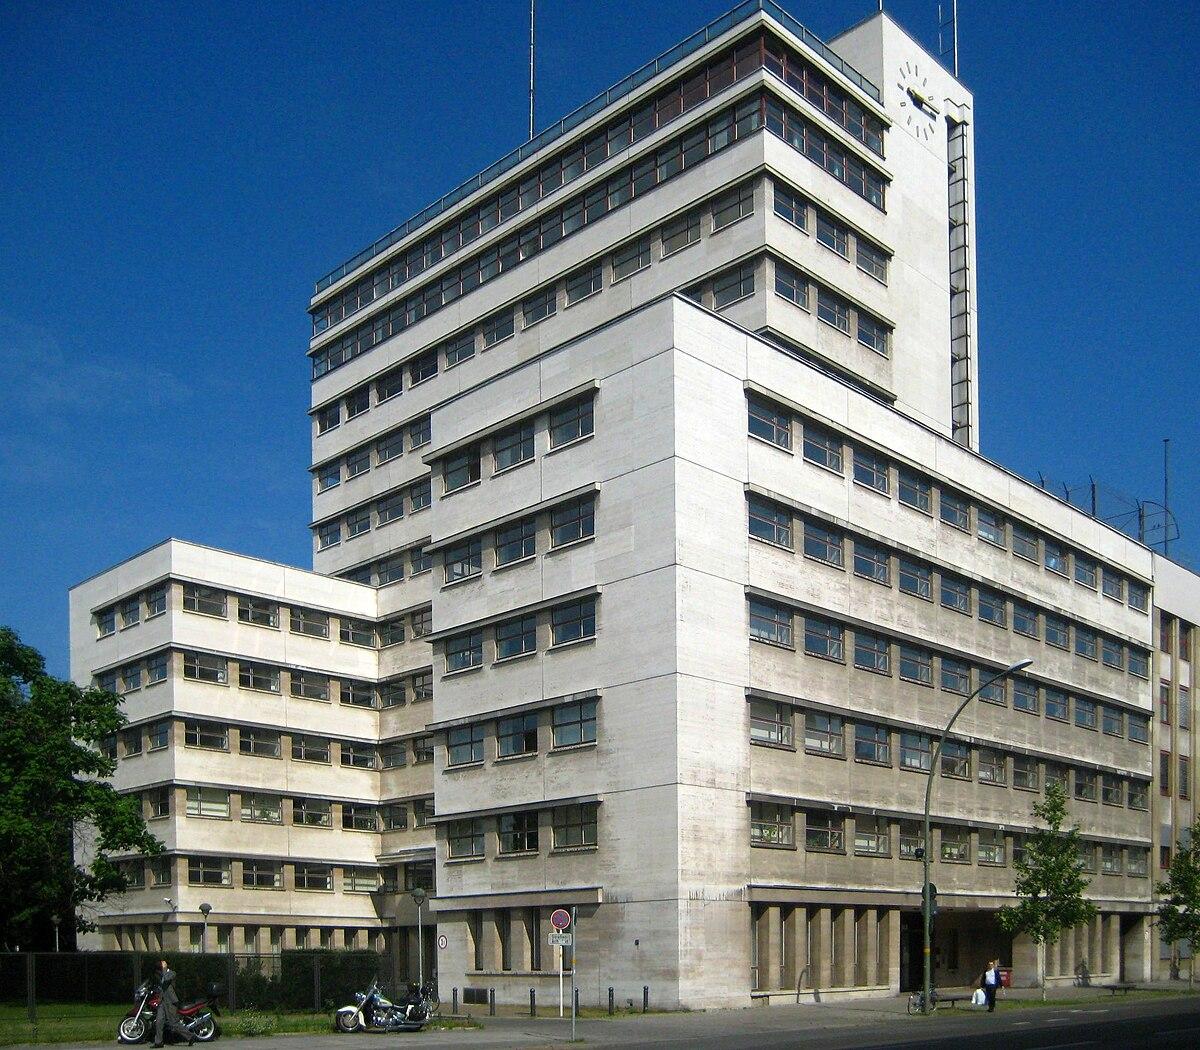 Kathreiner haus wikipedia for Architektur 1929